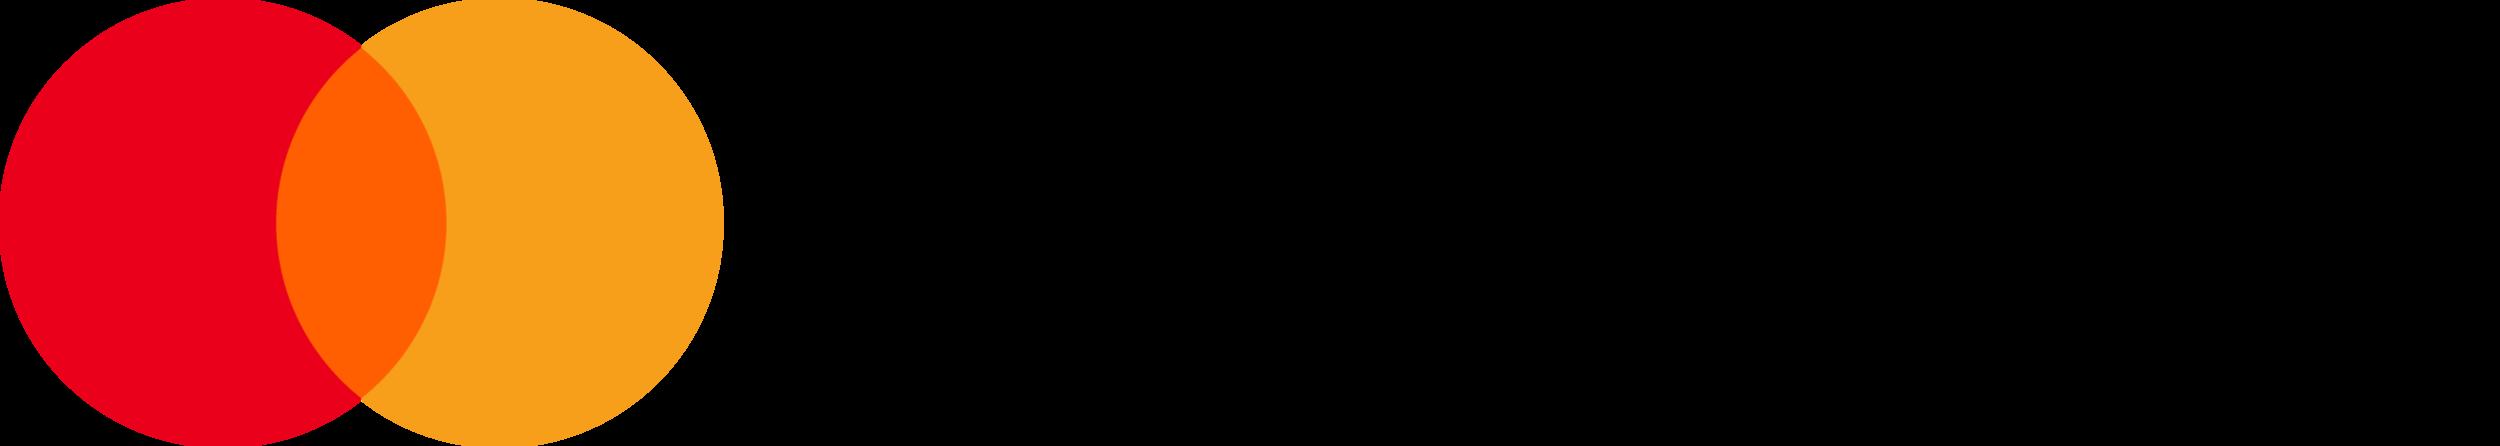 mastercard-logo1.png